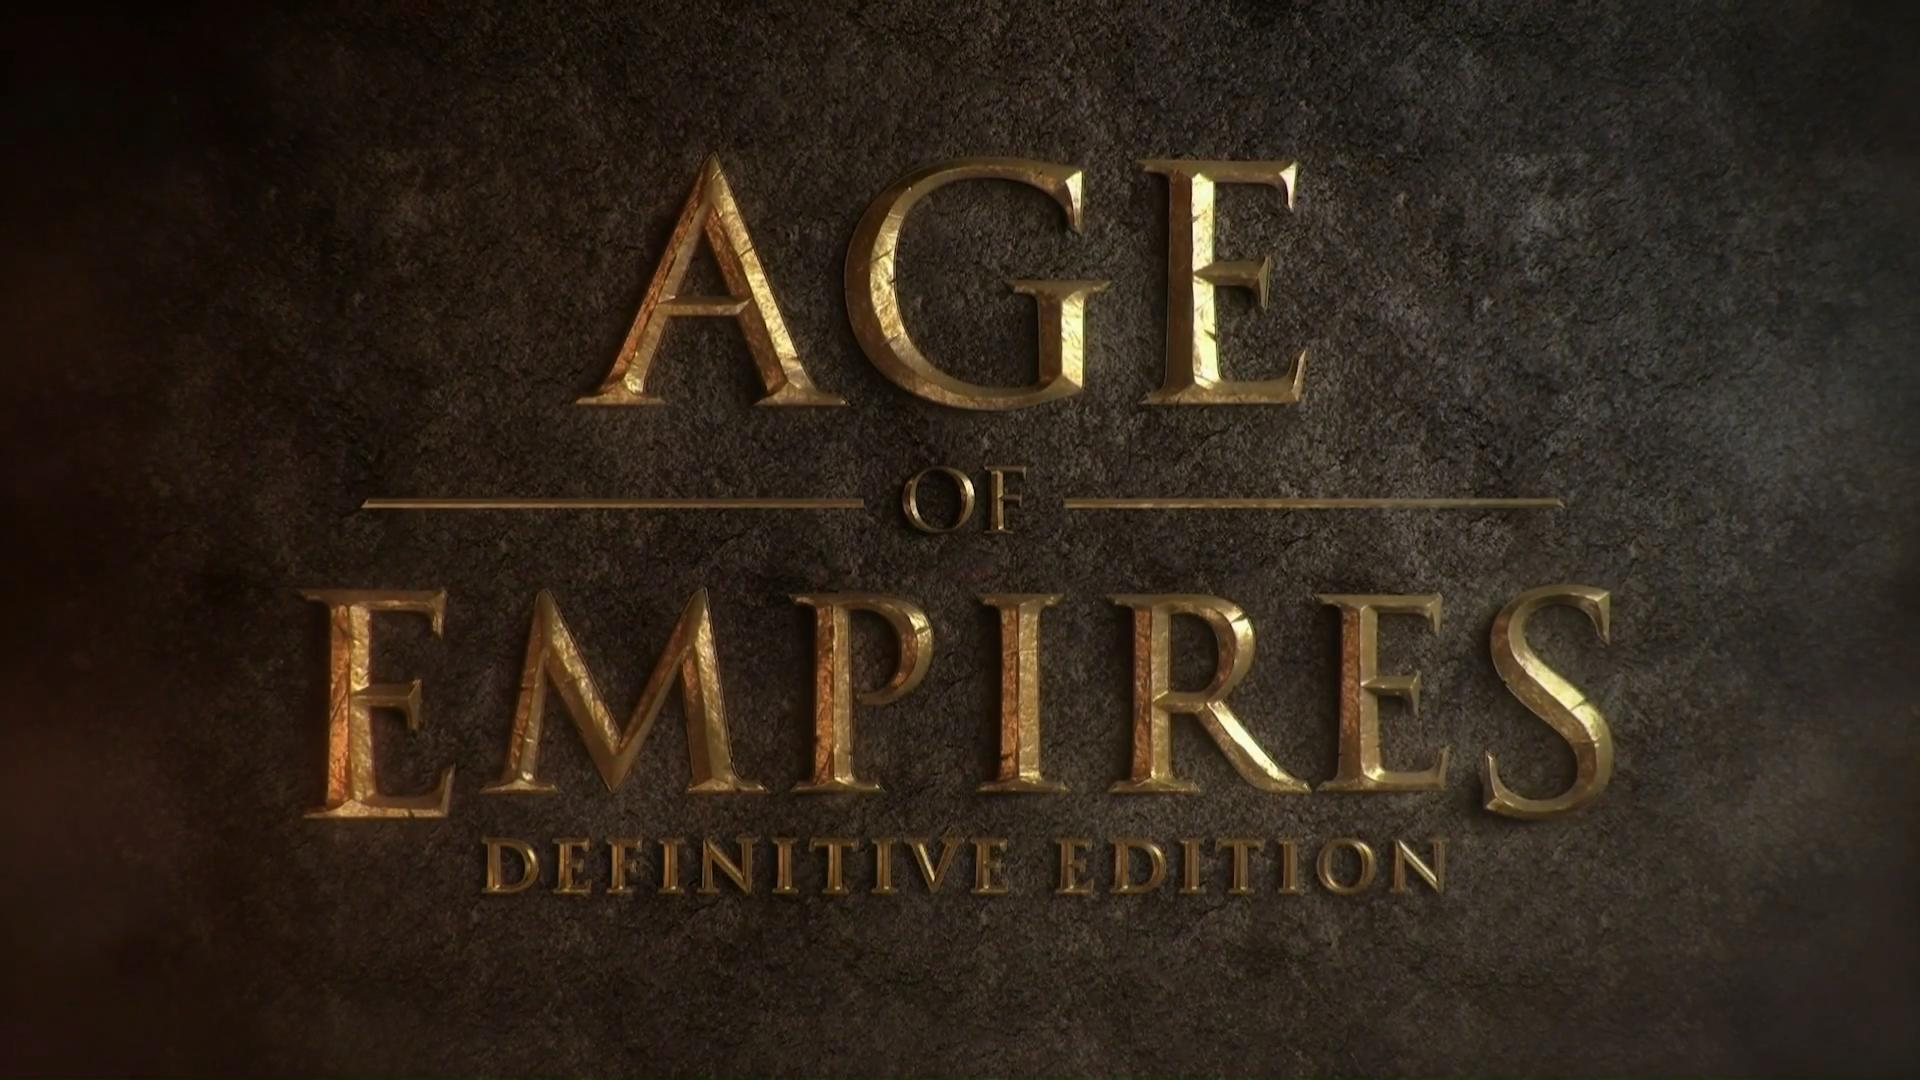 《帝国时代》《国家的崛起》或将登陆Xbox One